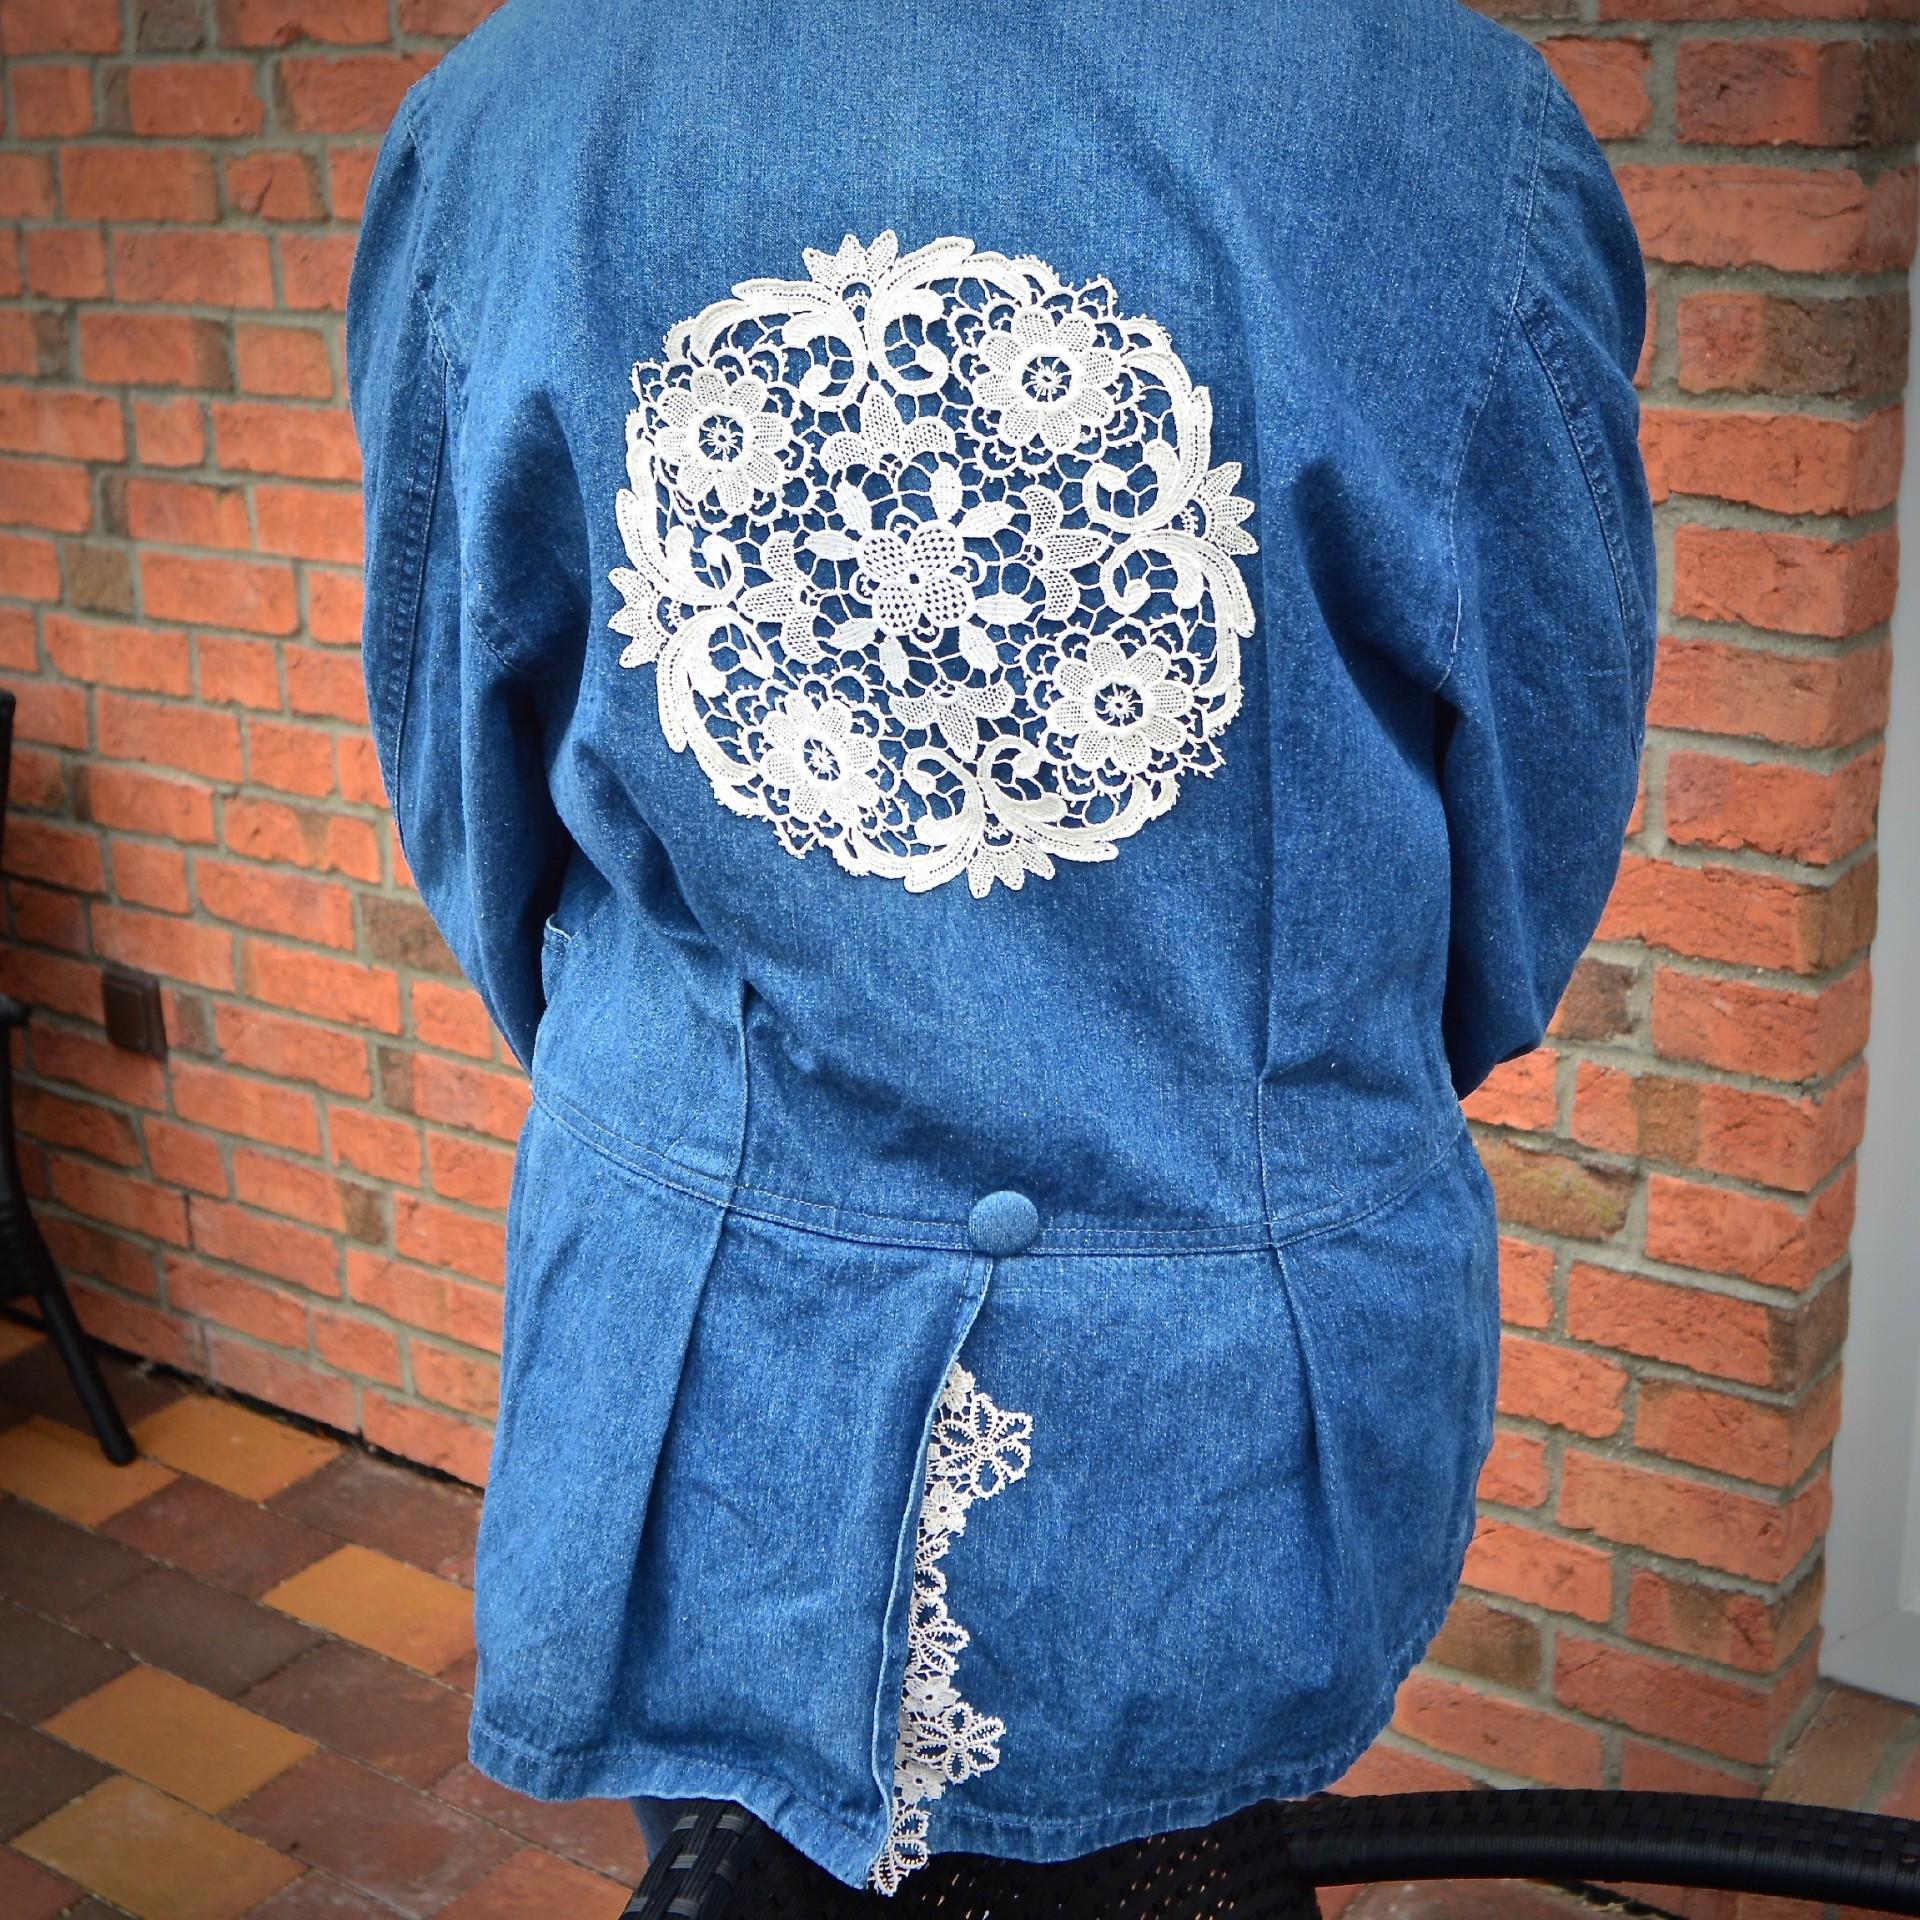 Auch andere Jeansjacken-Formen lassen sich hübsch machen